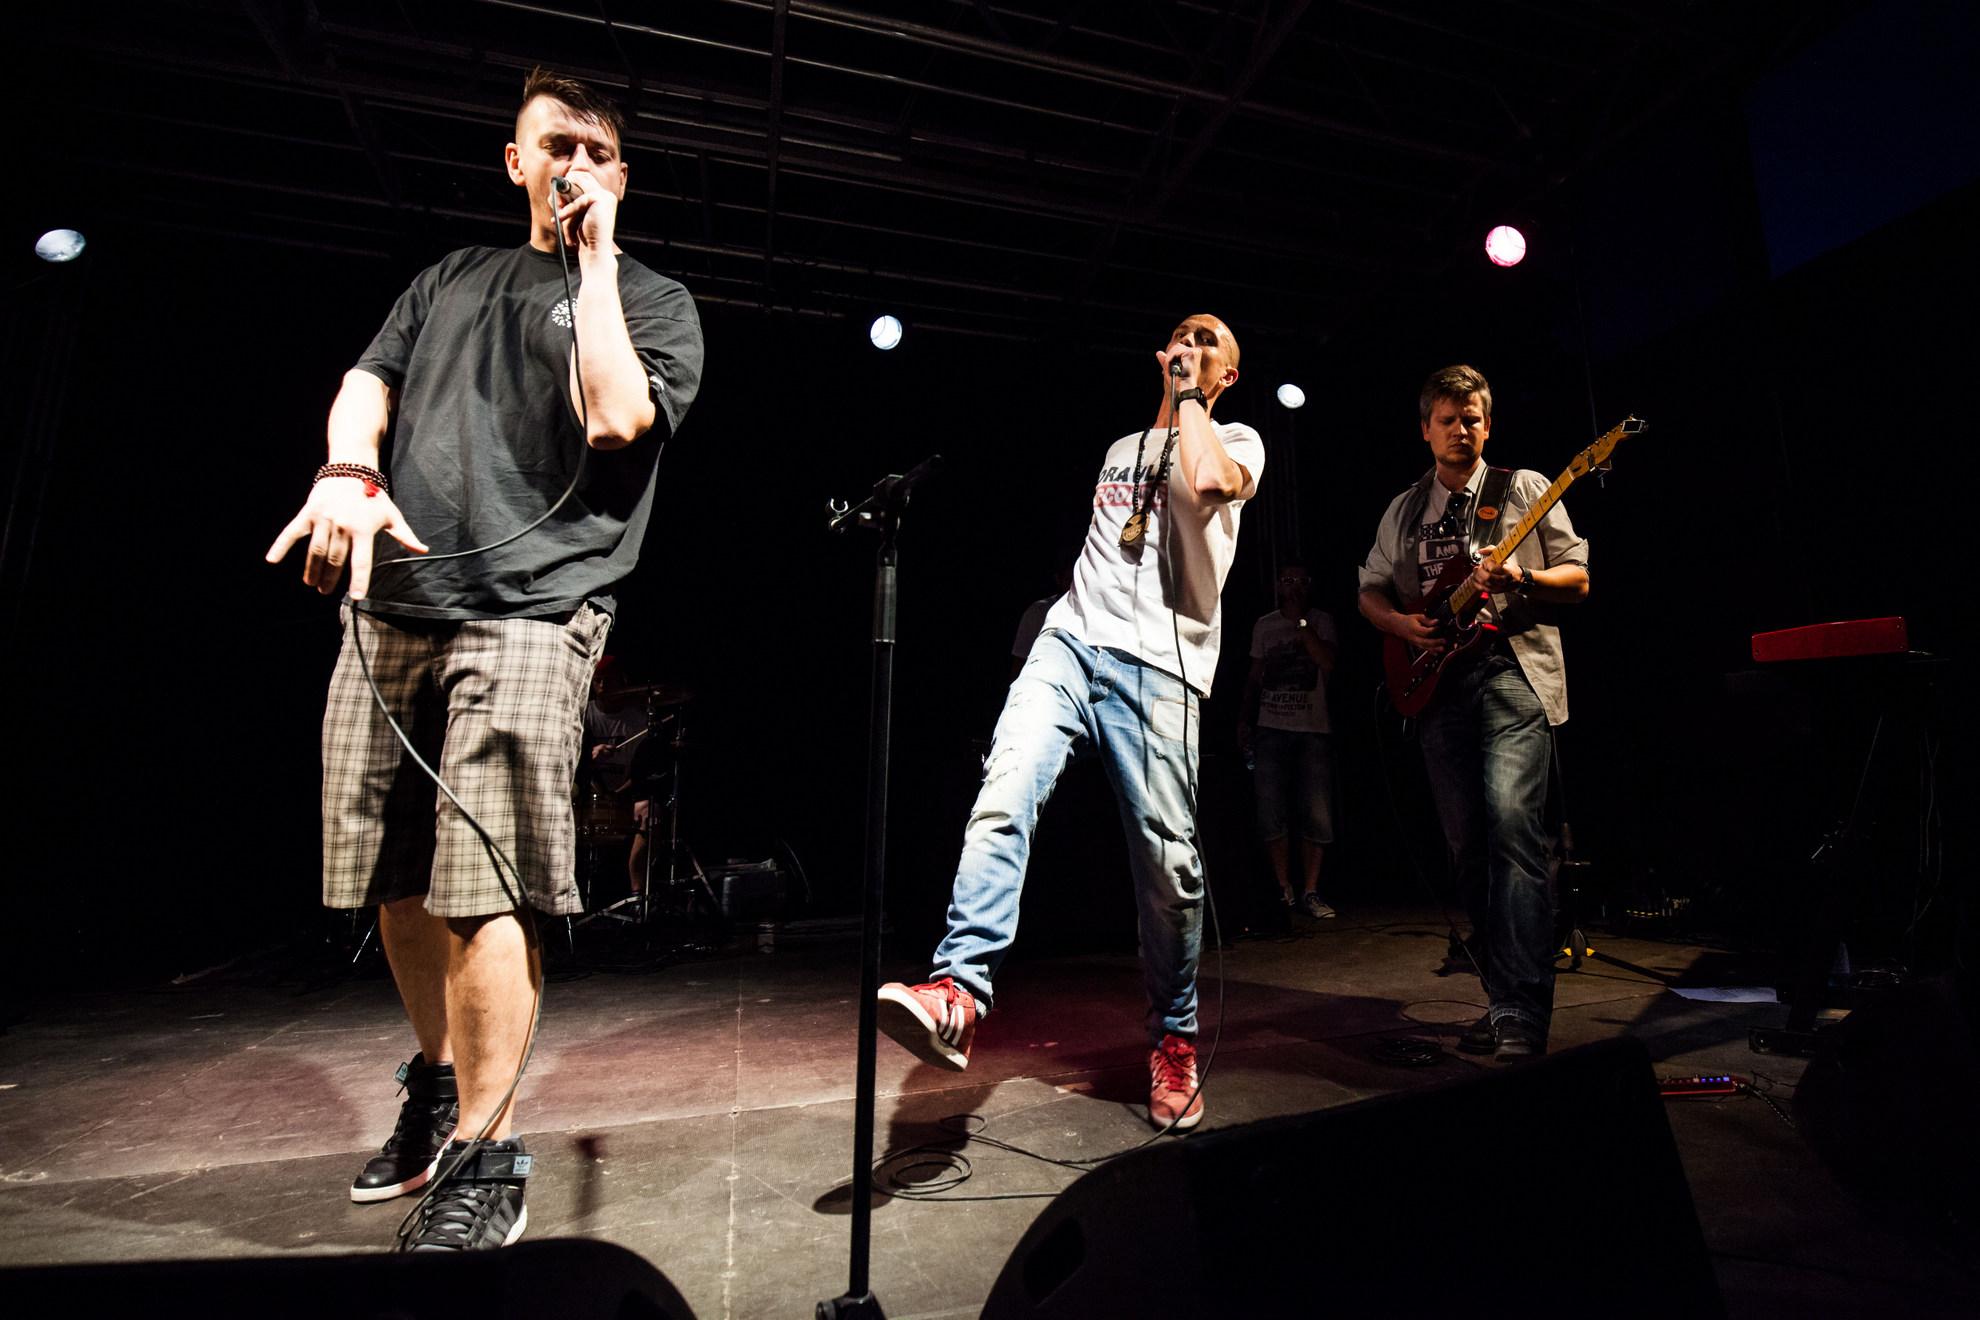 03. 08. 2016 Ljubljana, Trnfest. Rok trkaj je kot gost nastopil z rapperjem Nipke in spremljevalno skupino The Nipples.